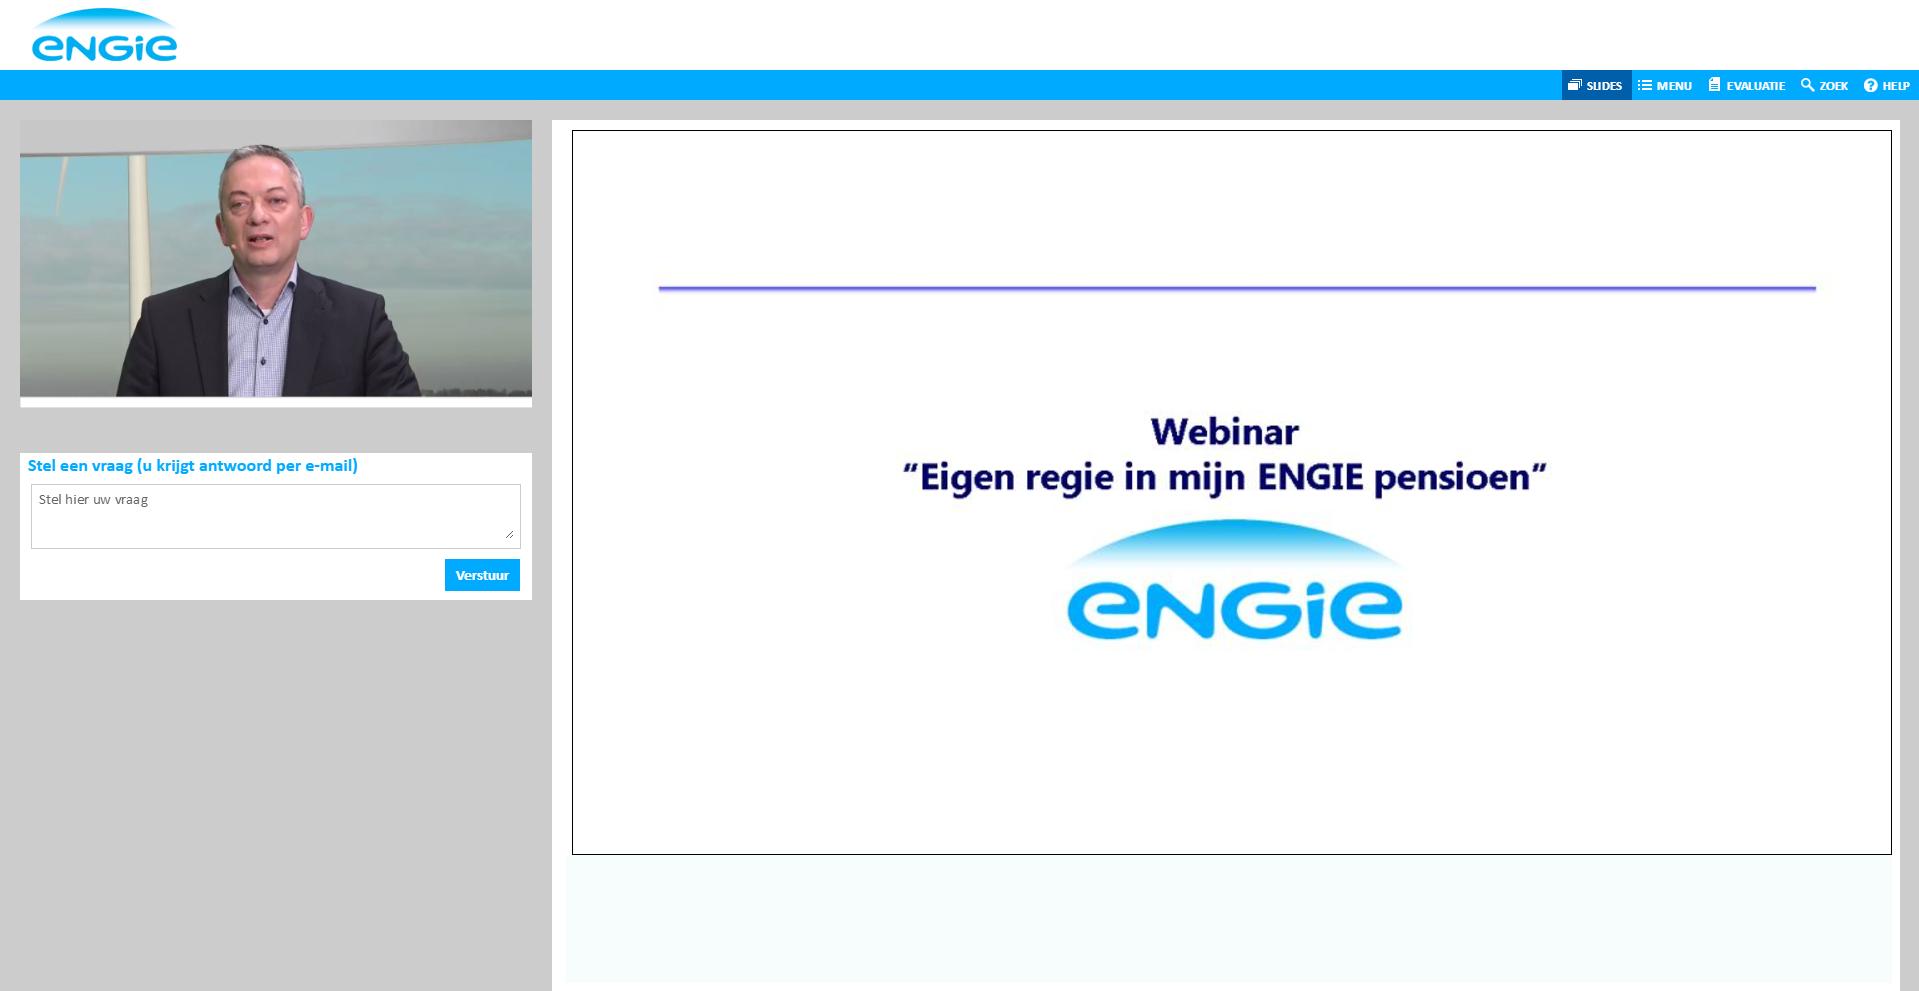 Image ENGIE webinar